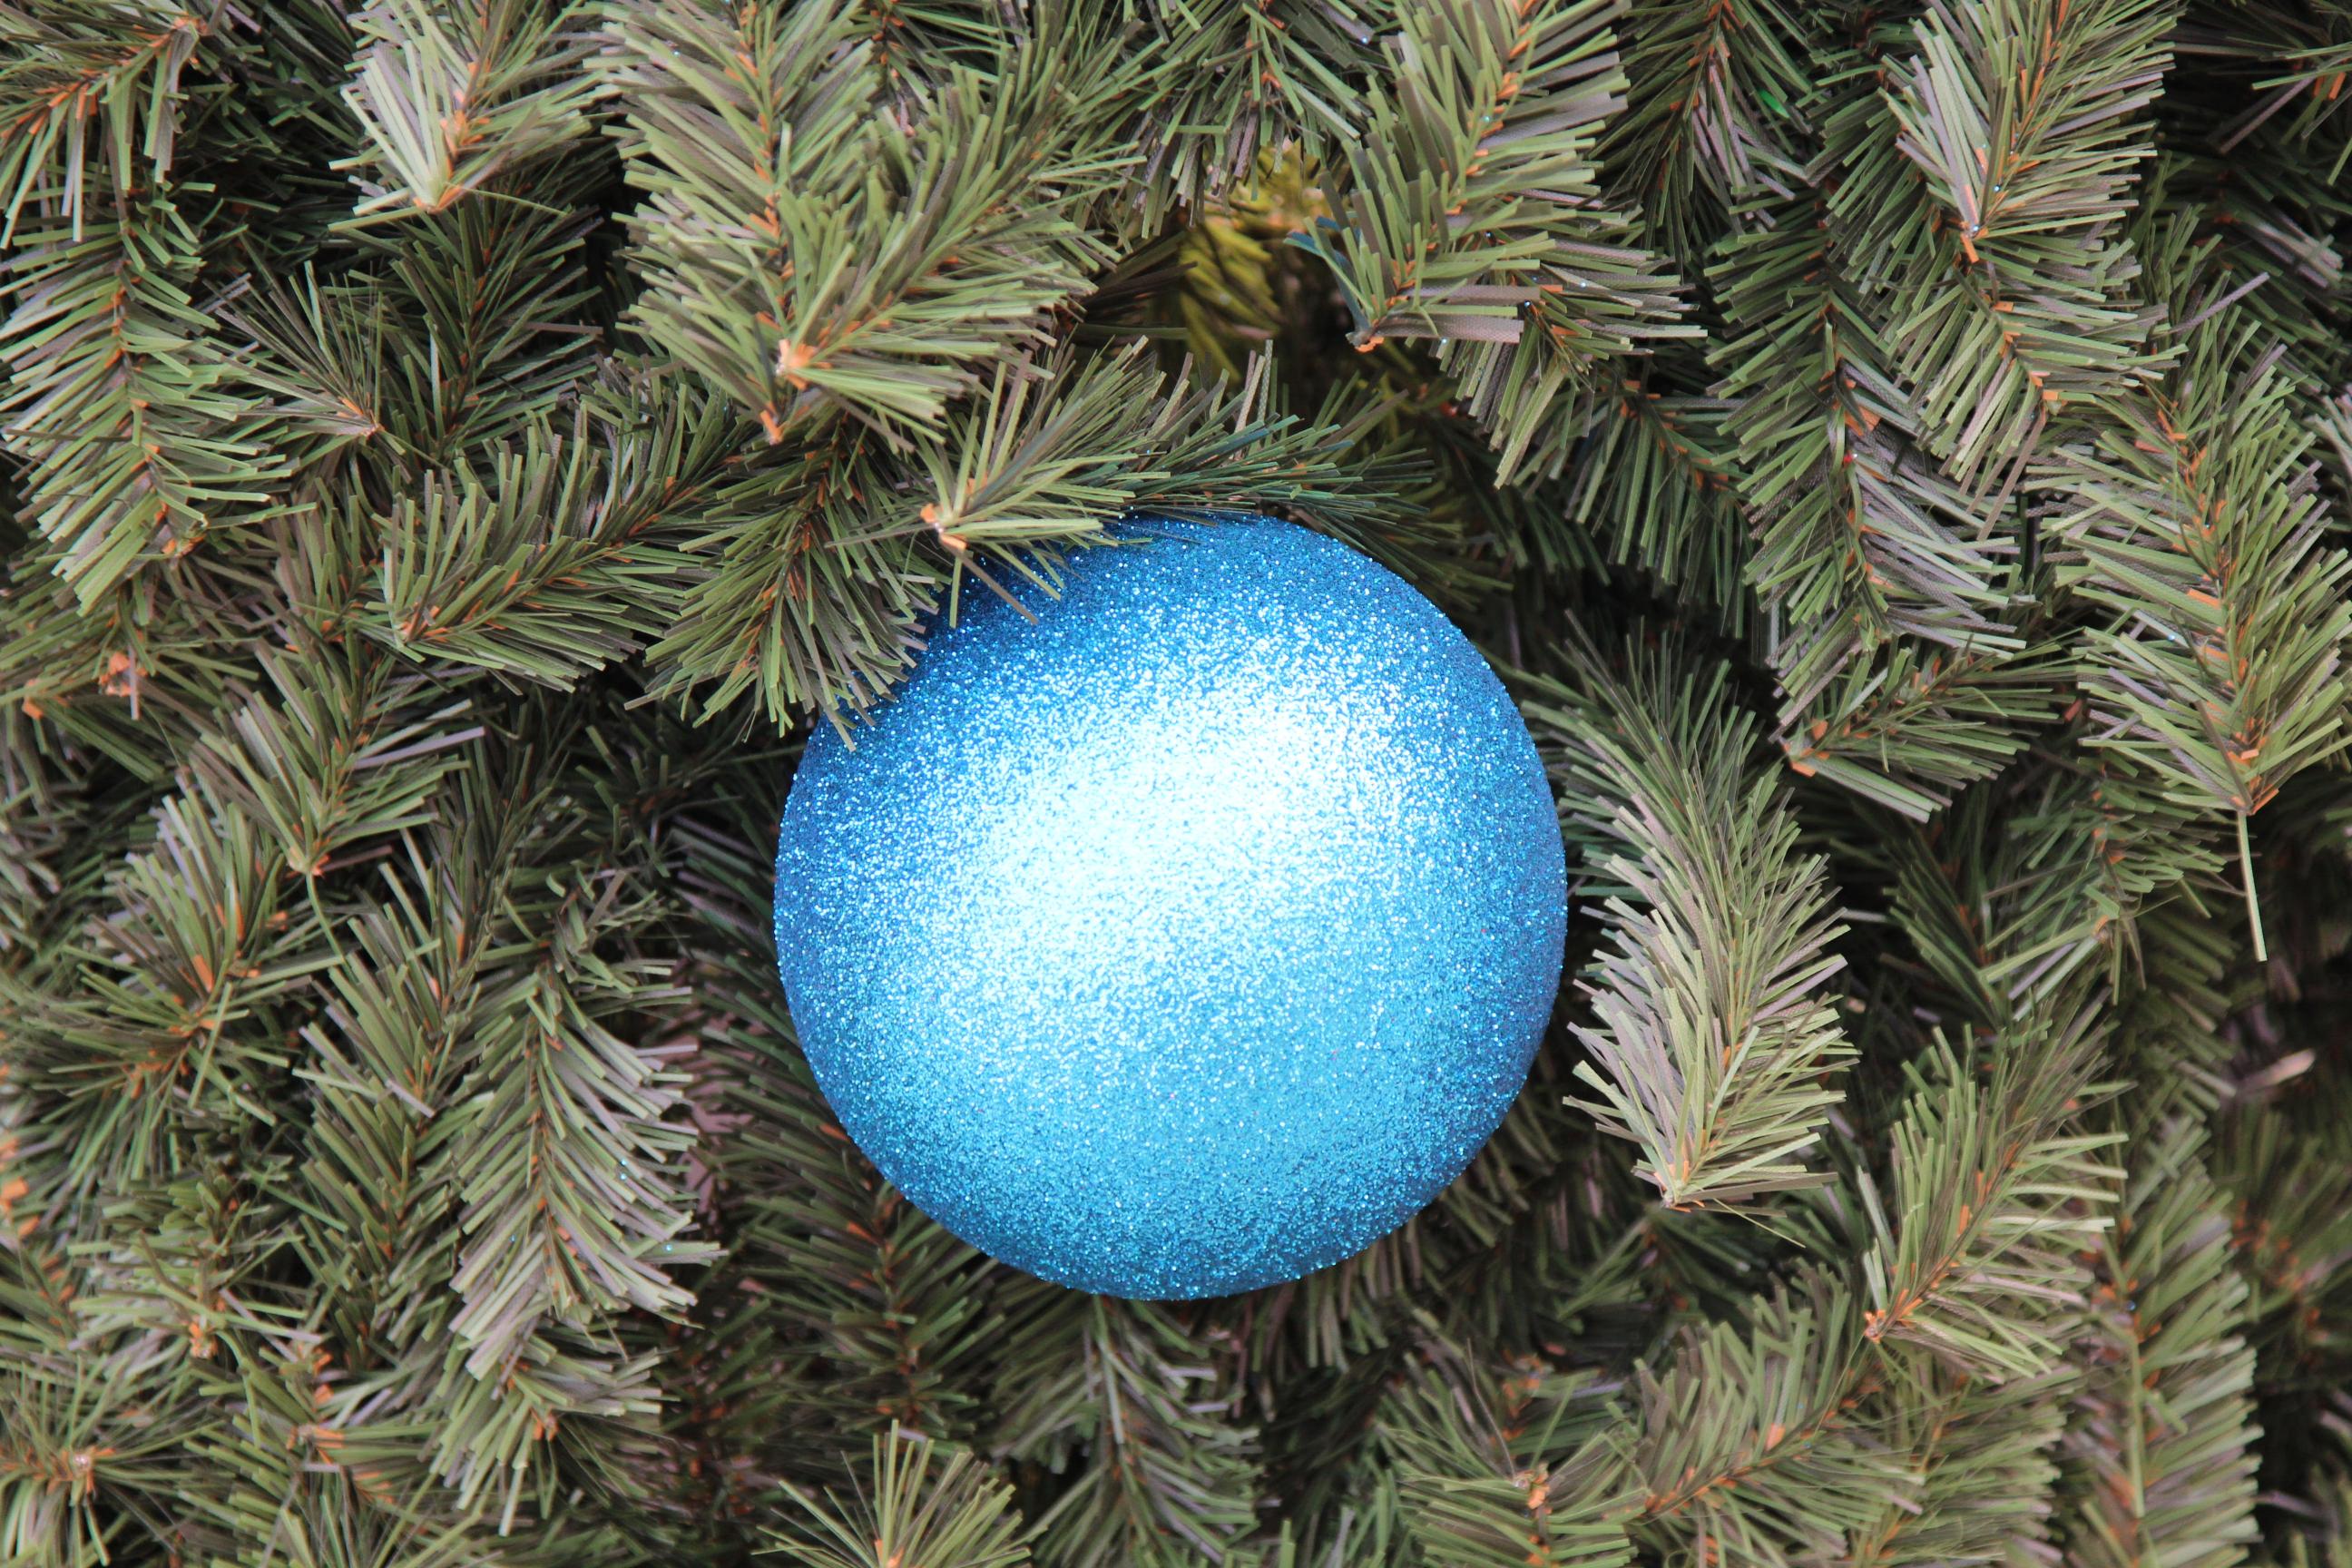 Alles was das Herz begehrt – Schaffen Sie Ihren eigenen Weihnachtsbaum!